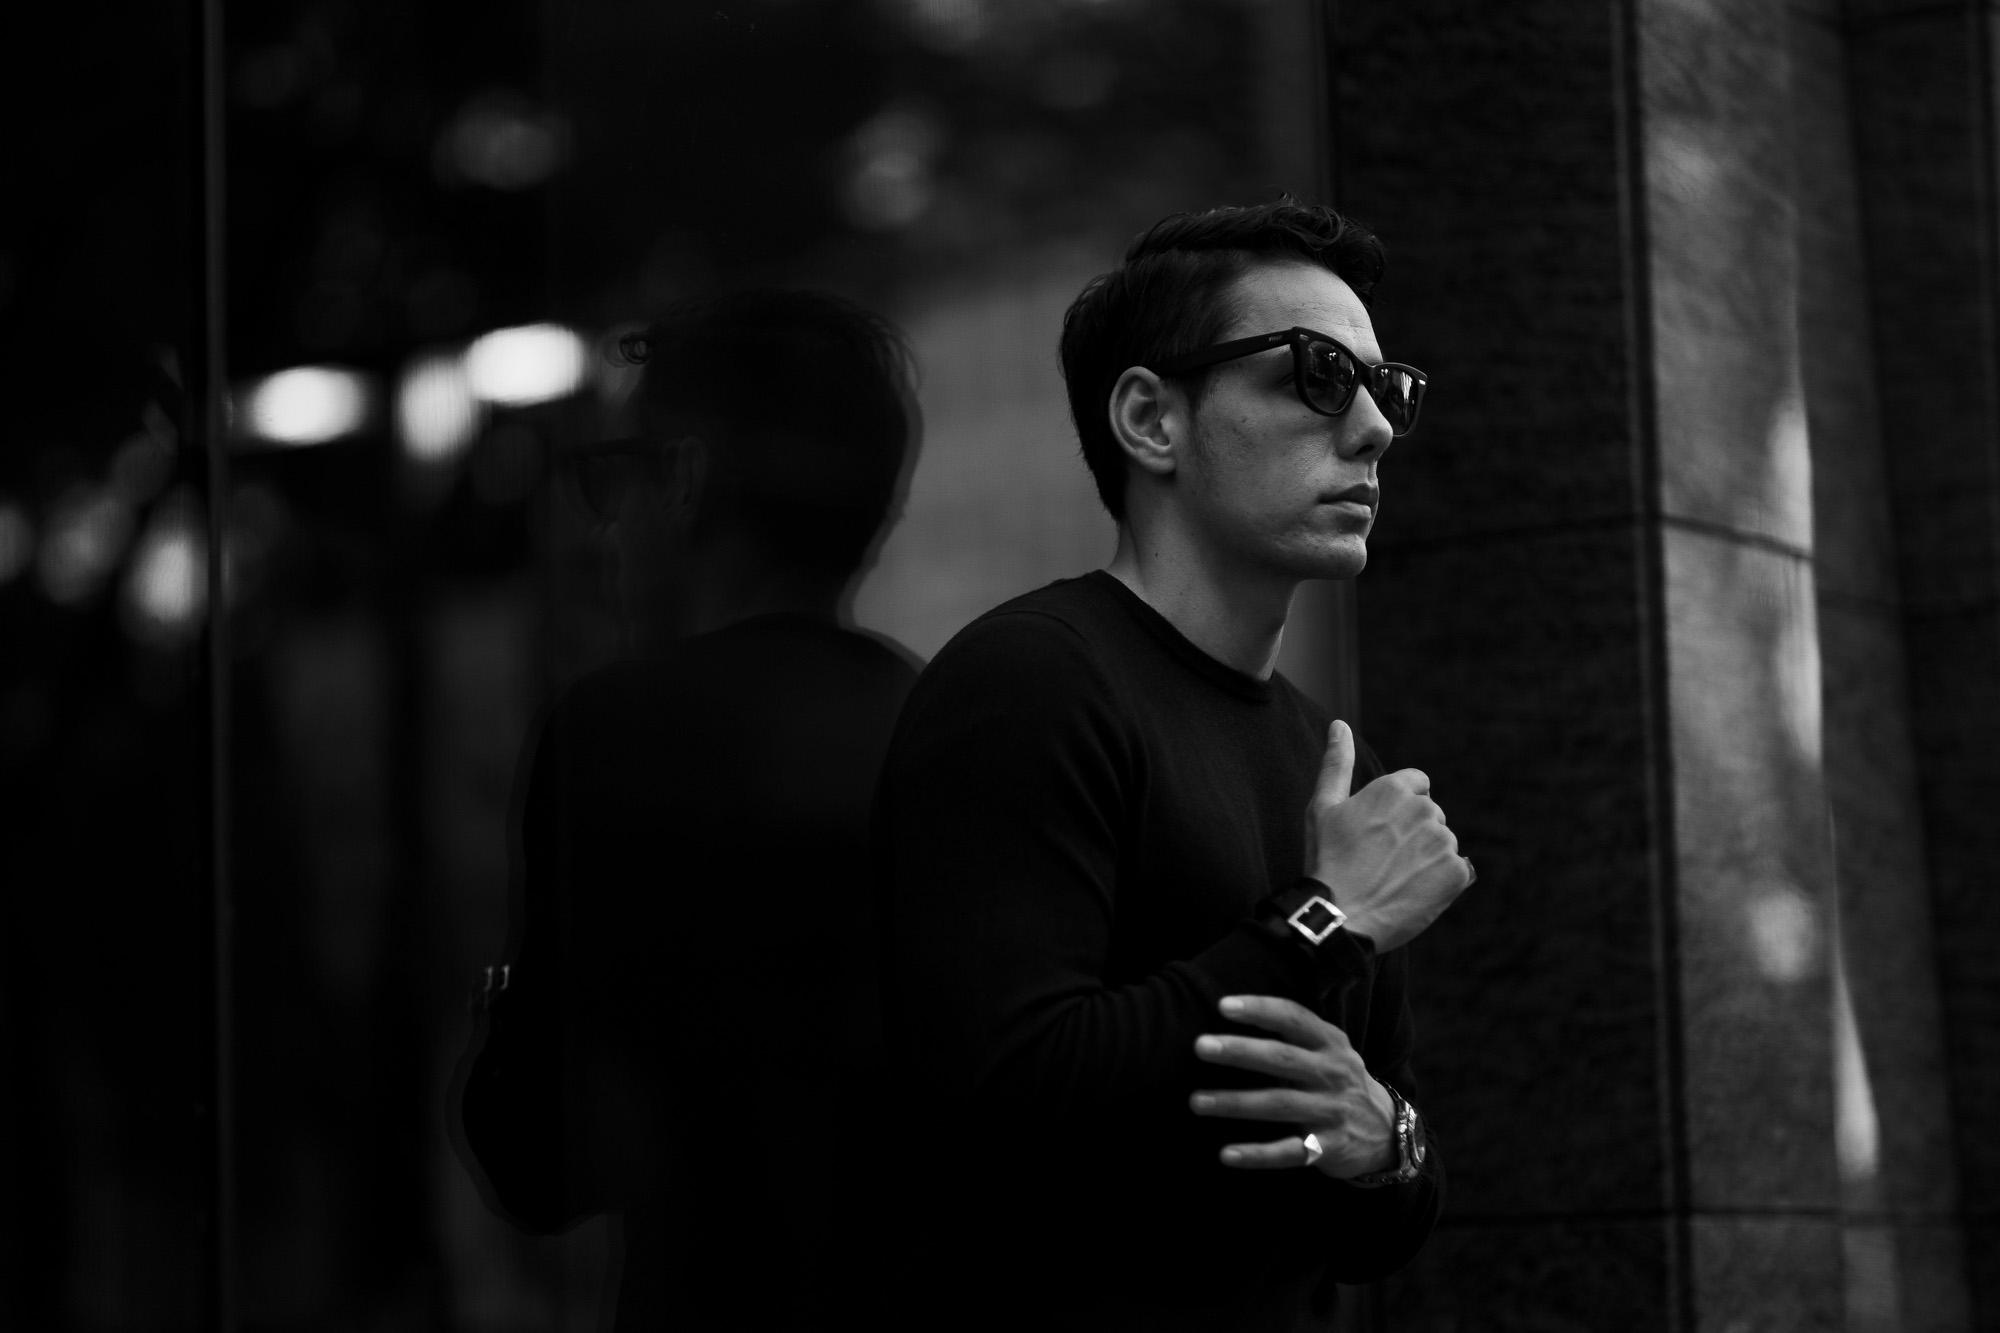 FIXER(フィクサー) BLACK PANTHER(ブラックパンサー) 925 STERLING SILVER サングラス MATTE BLACK (マット ブラック) 愛知 名古屋 Alto e Diritto アルトエデリット 眼鏡 グラサン 925スターリングシルバー スペシャルモデル sunglasses